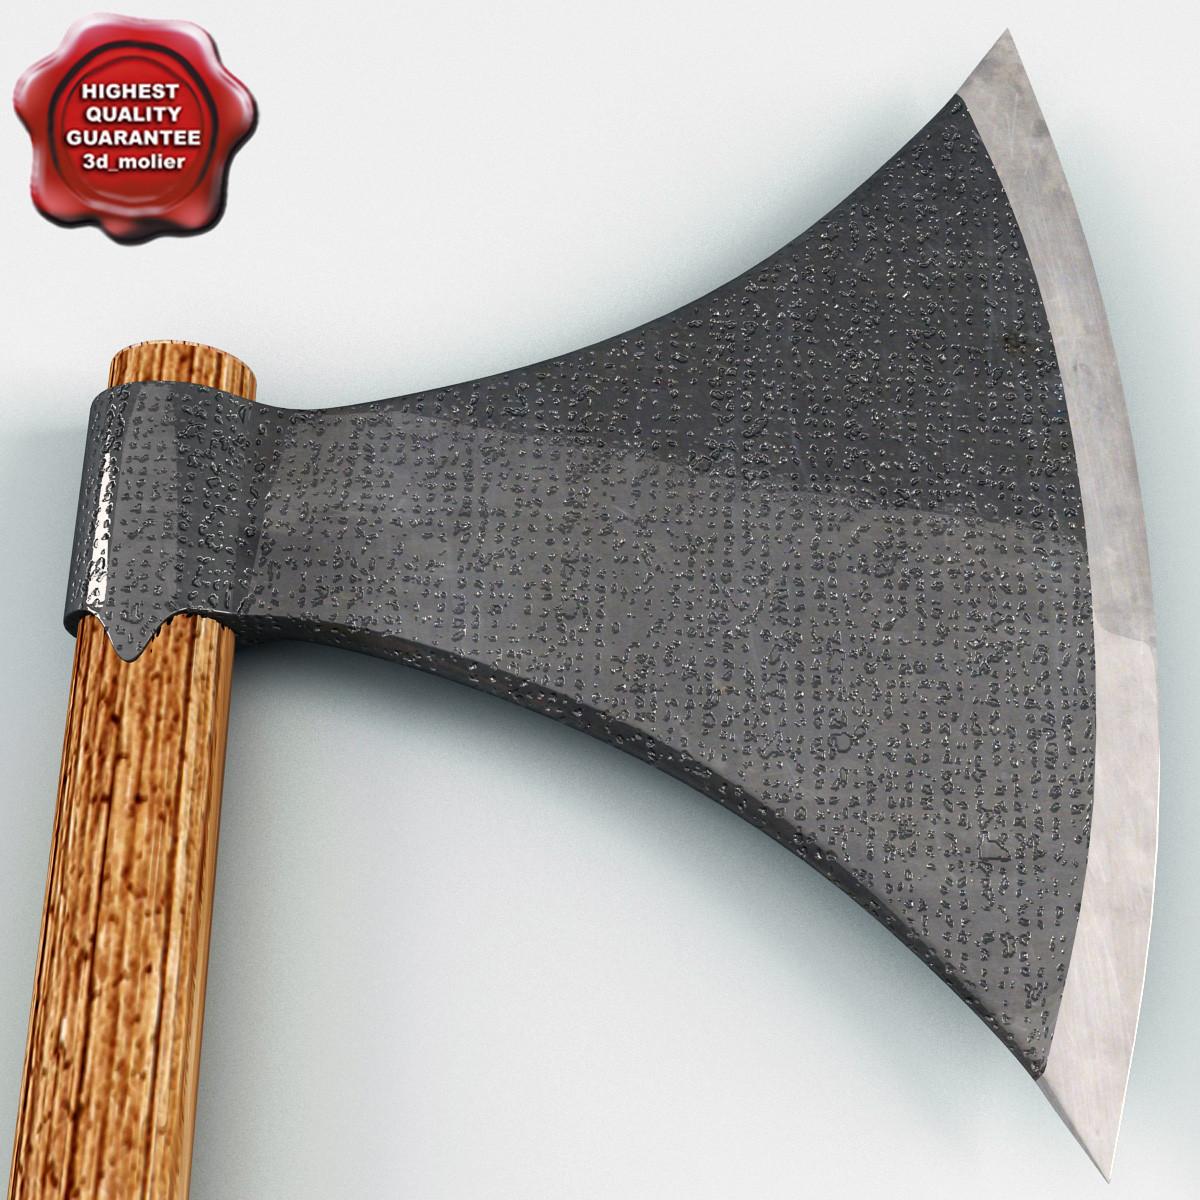 lwo medieval axe v2